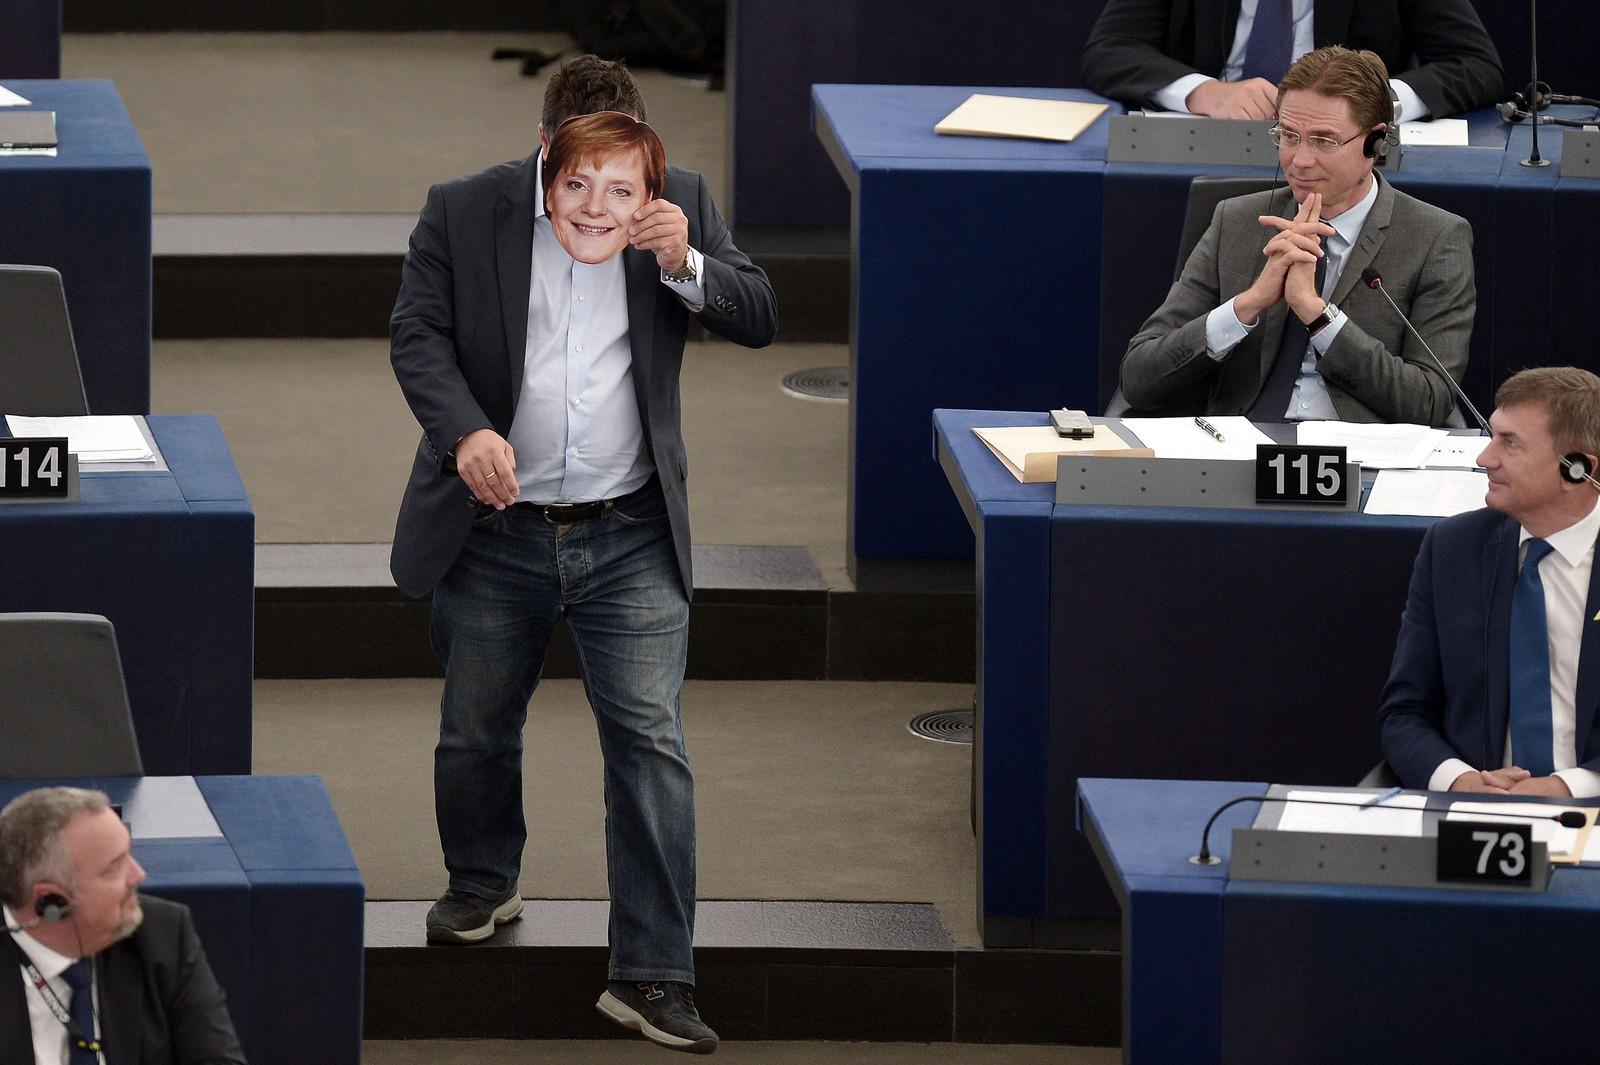 Gianluca Buonanno fra Lega Nord (italensk parti på ytre høyre fløy) viser på en ironisk måte hvor lite fornøyd de er med Angela Merkels flyktningpolitikk. Stuntet ble utført under Jean-Claude Junckers tale om flyktningsituasjonen i EU.